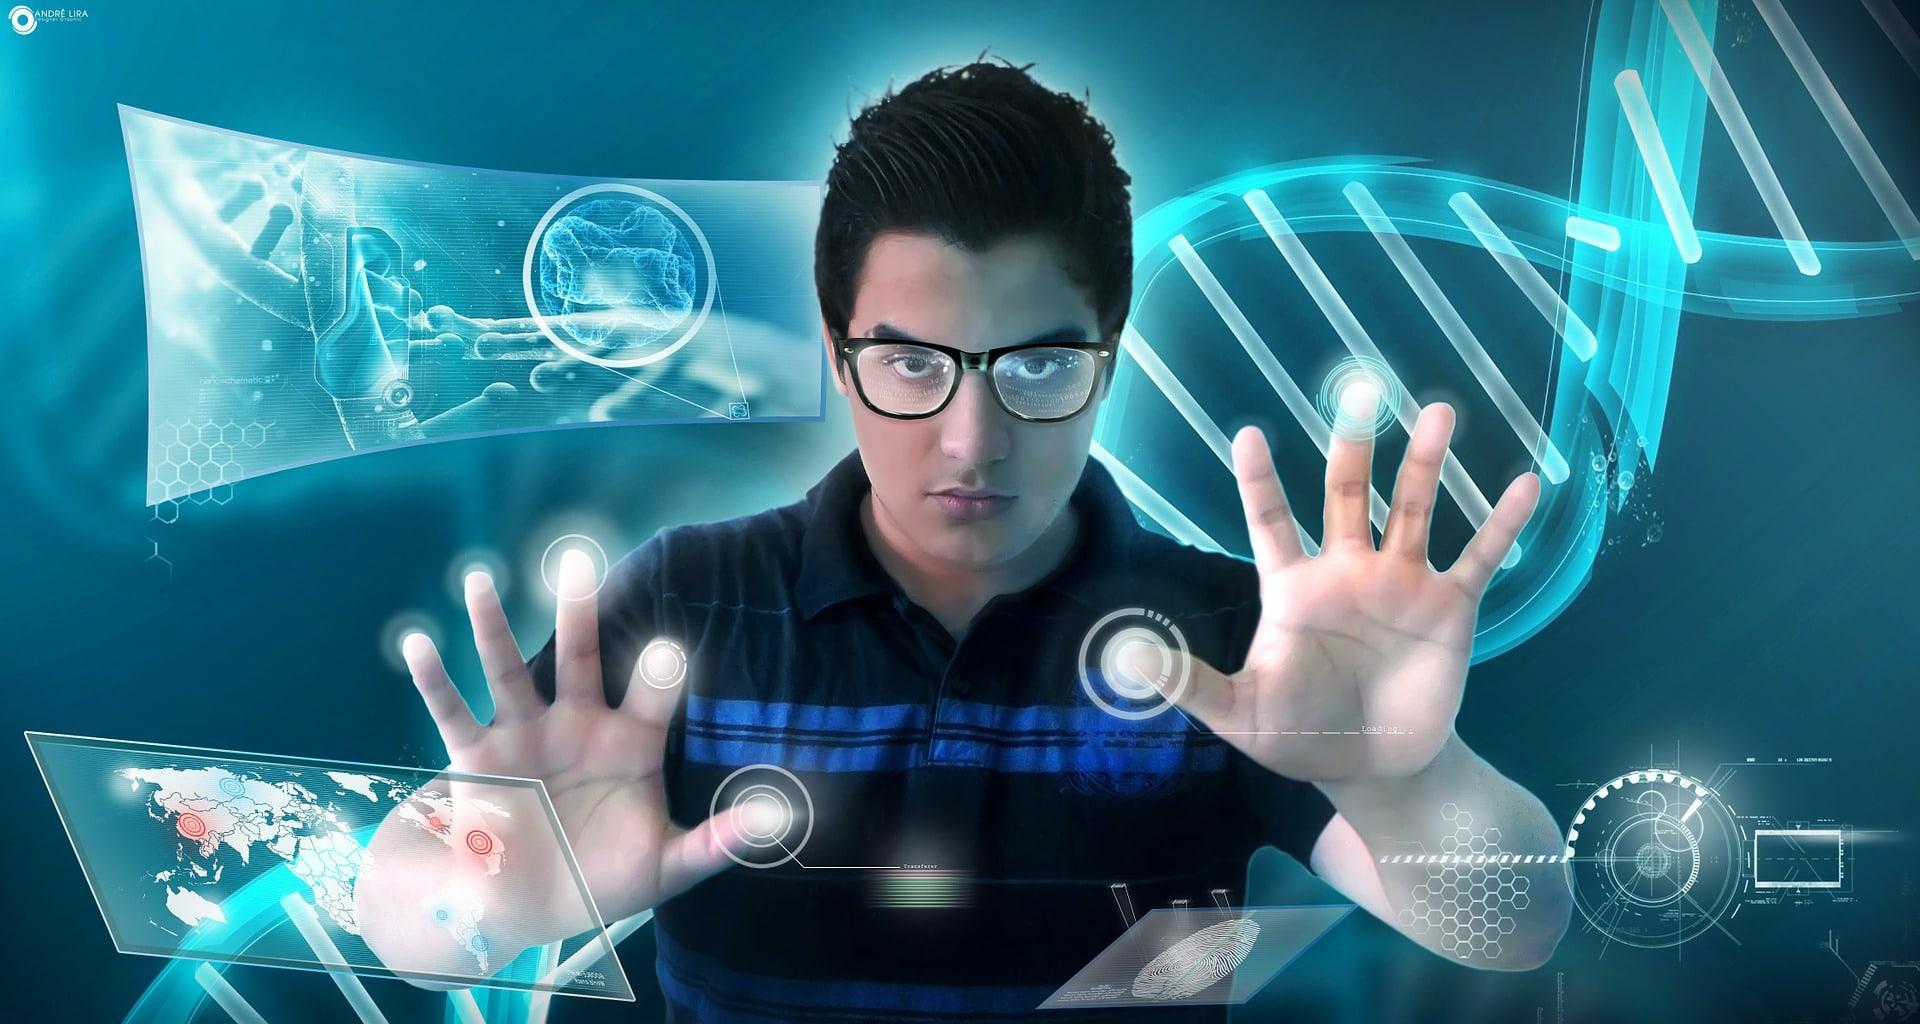 10 tehnoloških trendov, ki bodo v 2020 vplivali na naše življenje